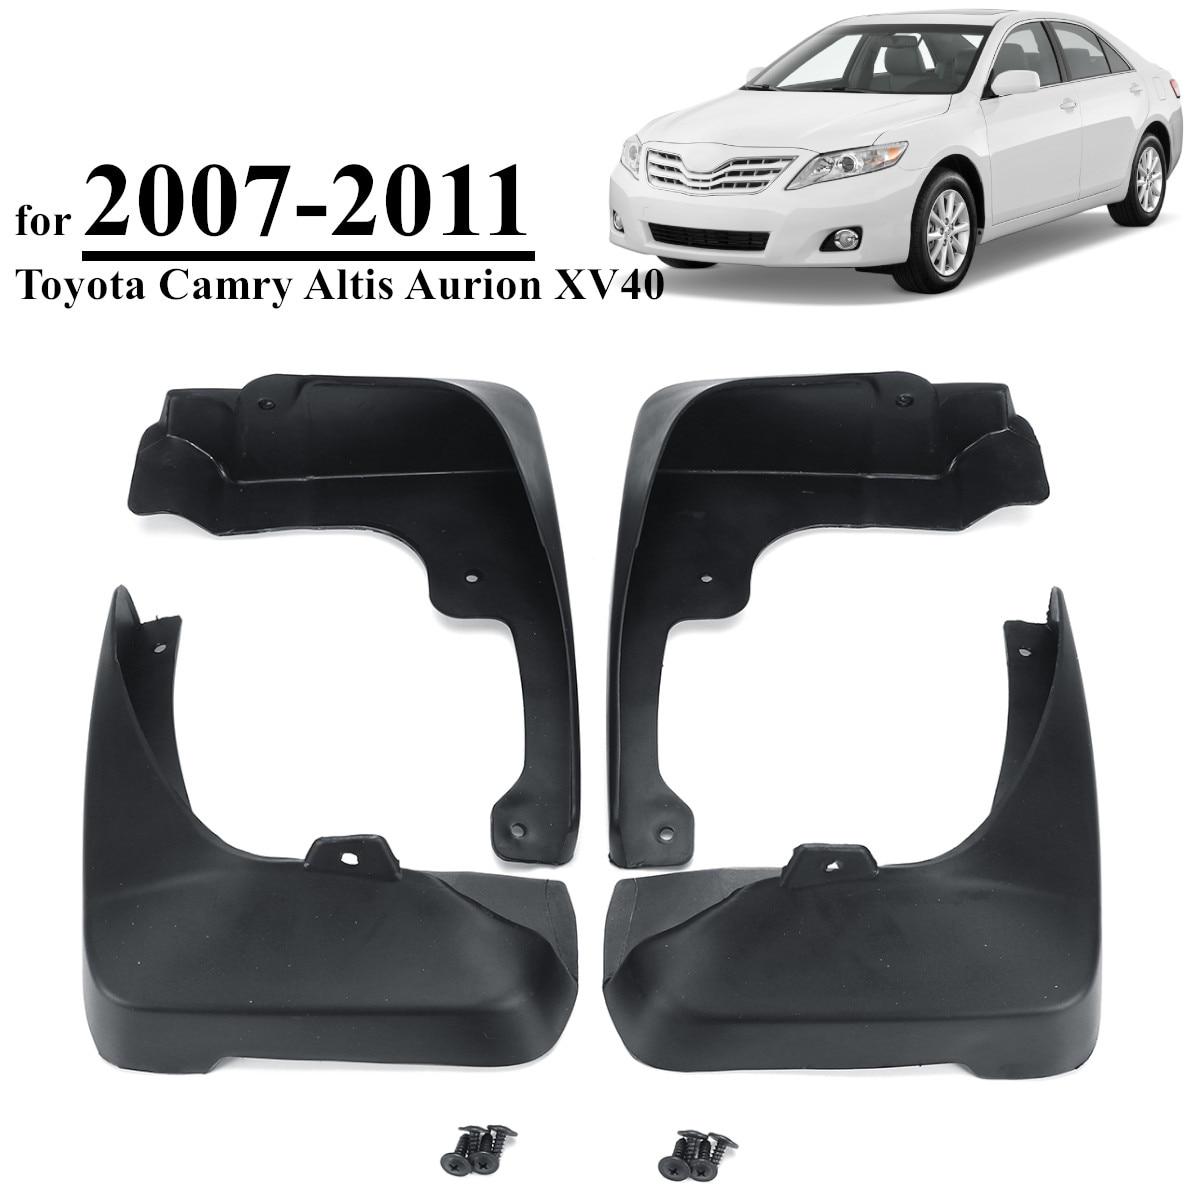 Toyota Camry için Altis Aurion XV40 2007-2011 araba çamur Flaps çamurluk genişletici çamurluklar çamurluklar Splash muhafızları